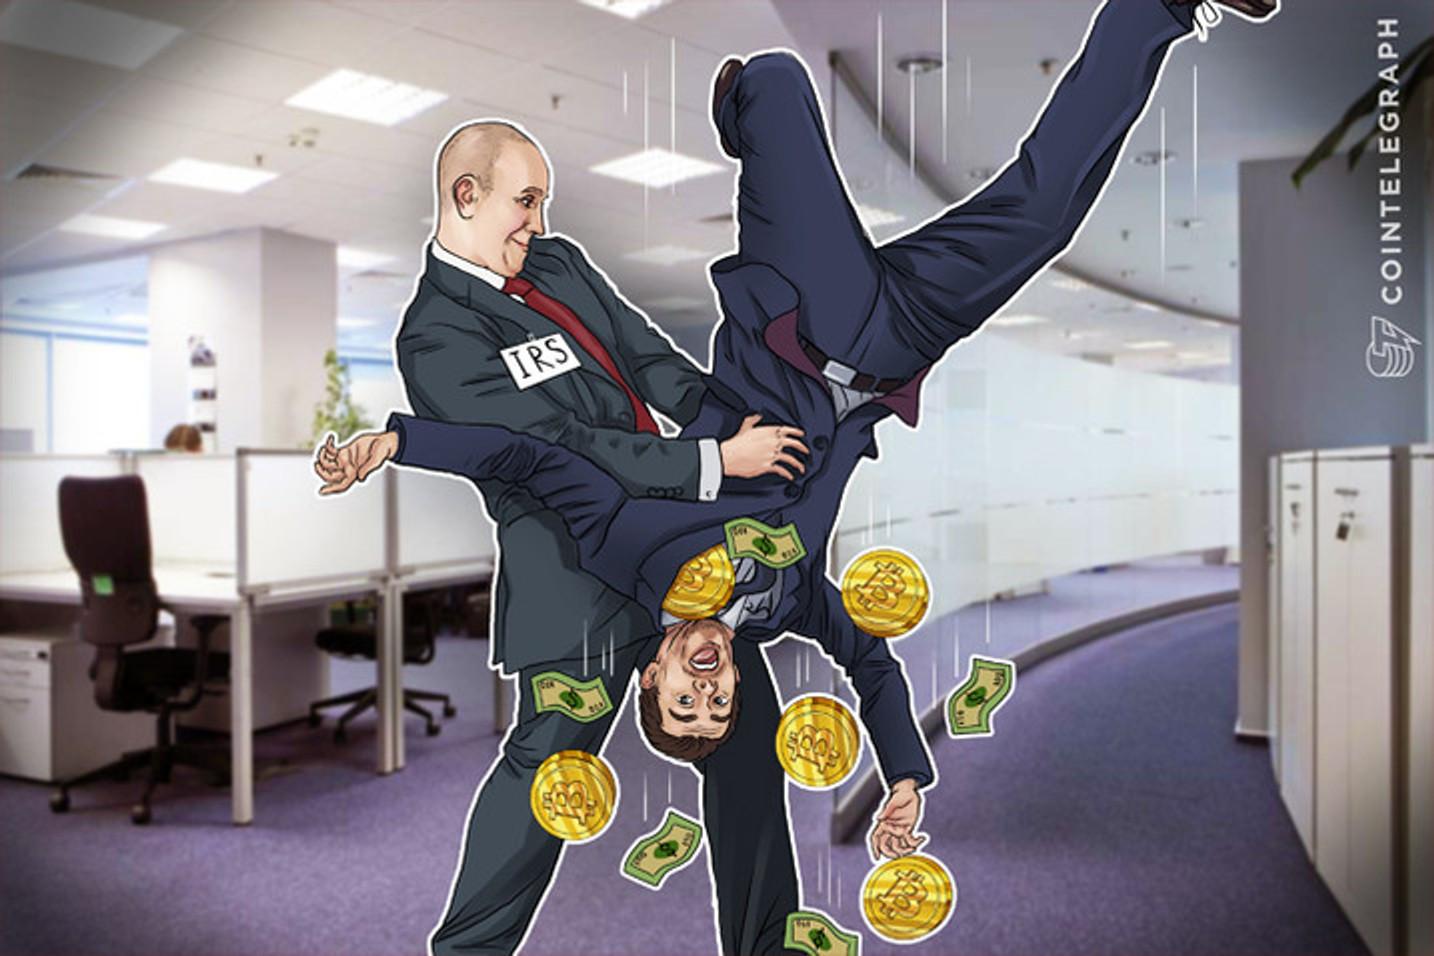 No PIX, em caso de suspeita de fraude, Banco Central pode tirar dinheiro de conta sem necessidade de autorização